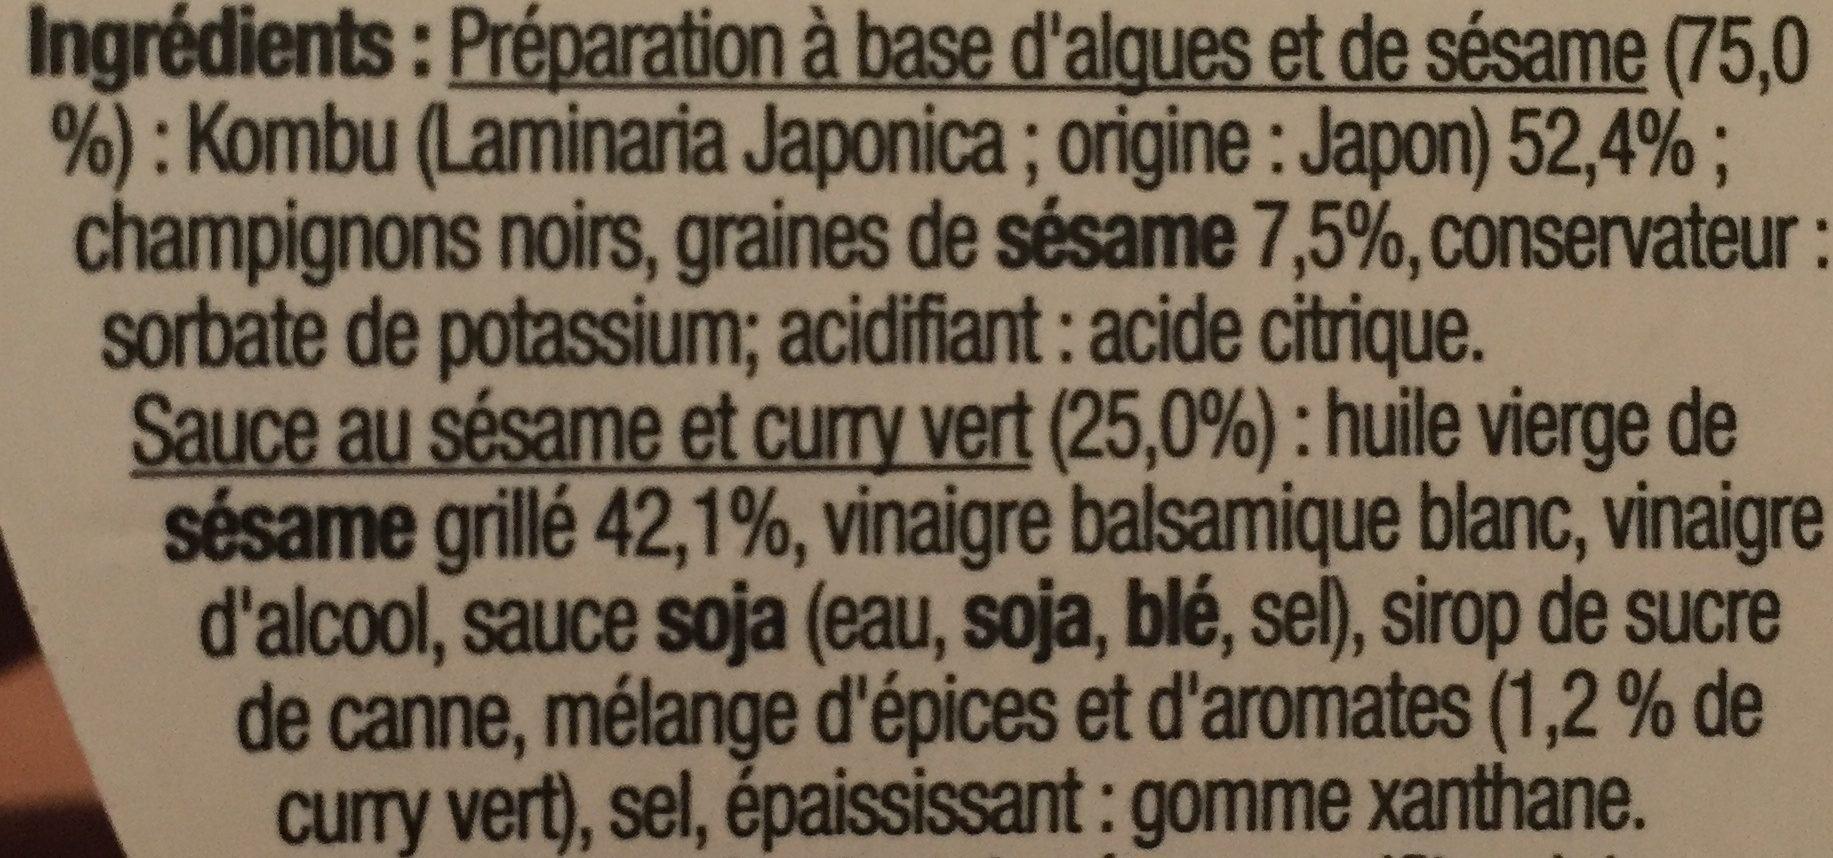 Sakade d'algues kombu - Ingredients